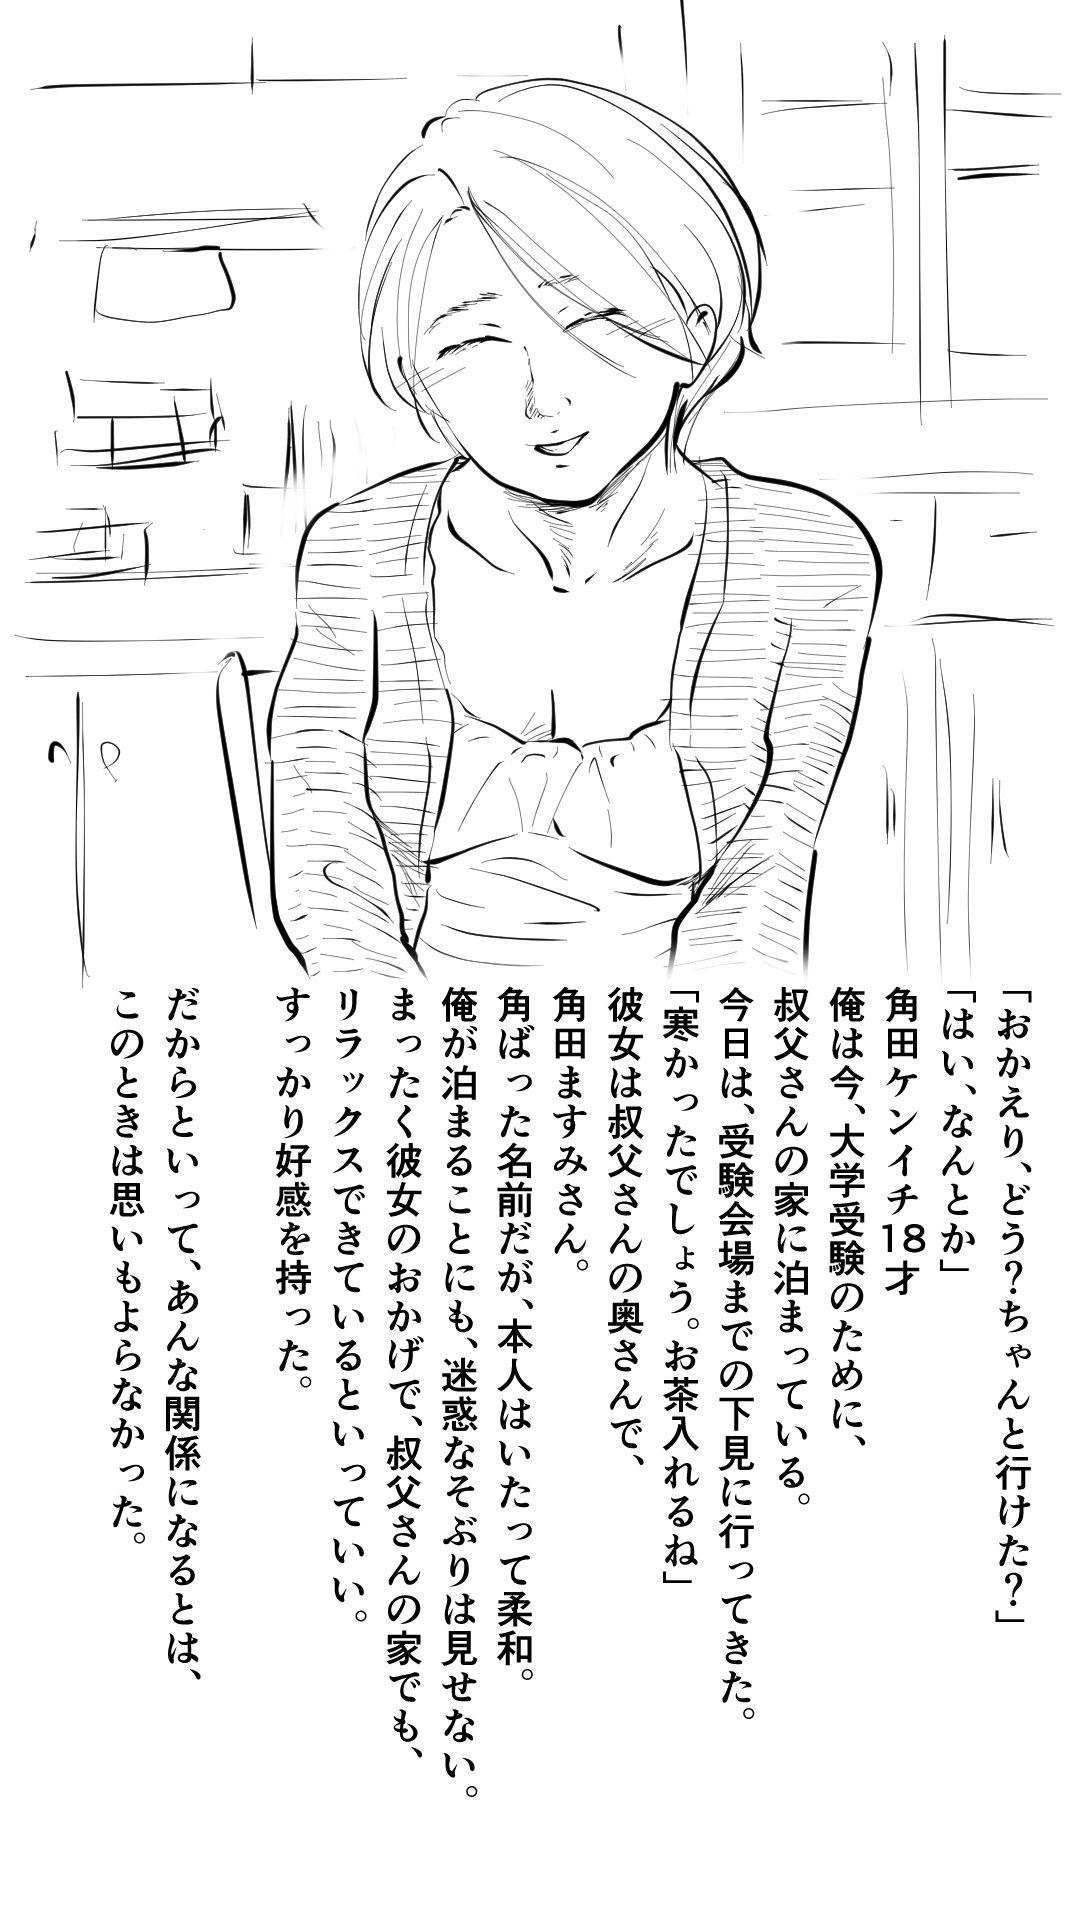 【ポップコーン工場 同人】人妻コレクションvol.06角田ますみ